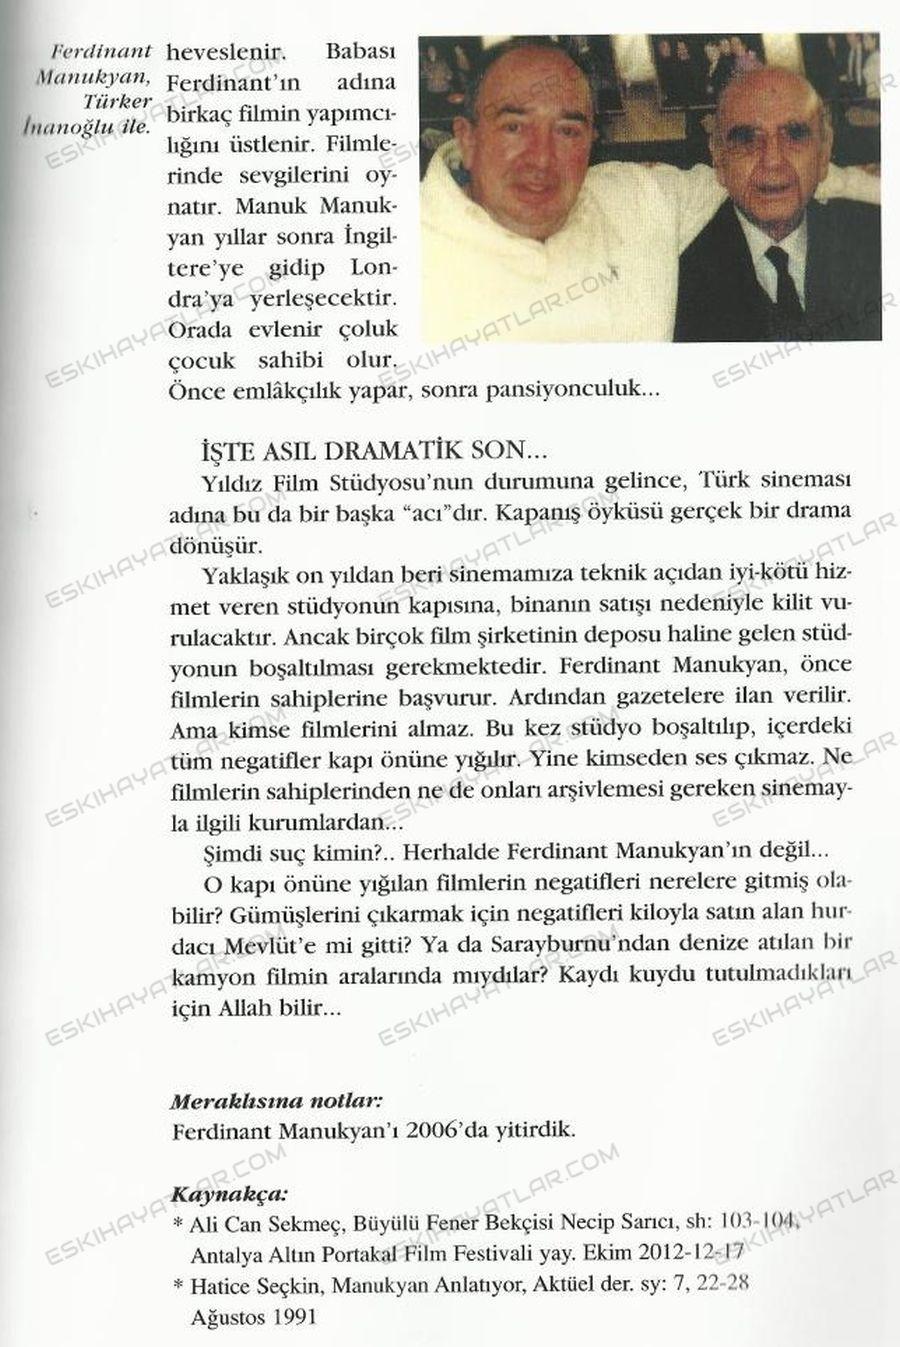 0169-ferdinant-manukyan-kimdir-turk-sinemasinin-marjinalleri-ve-orijinalleri (5)